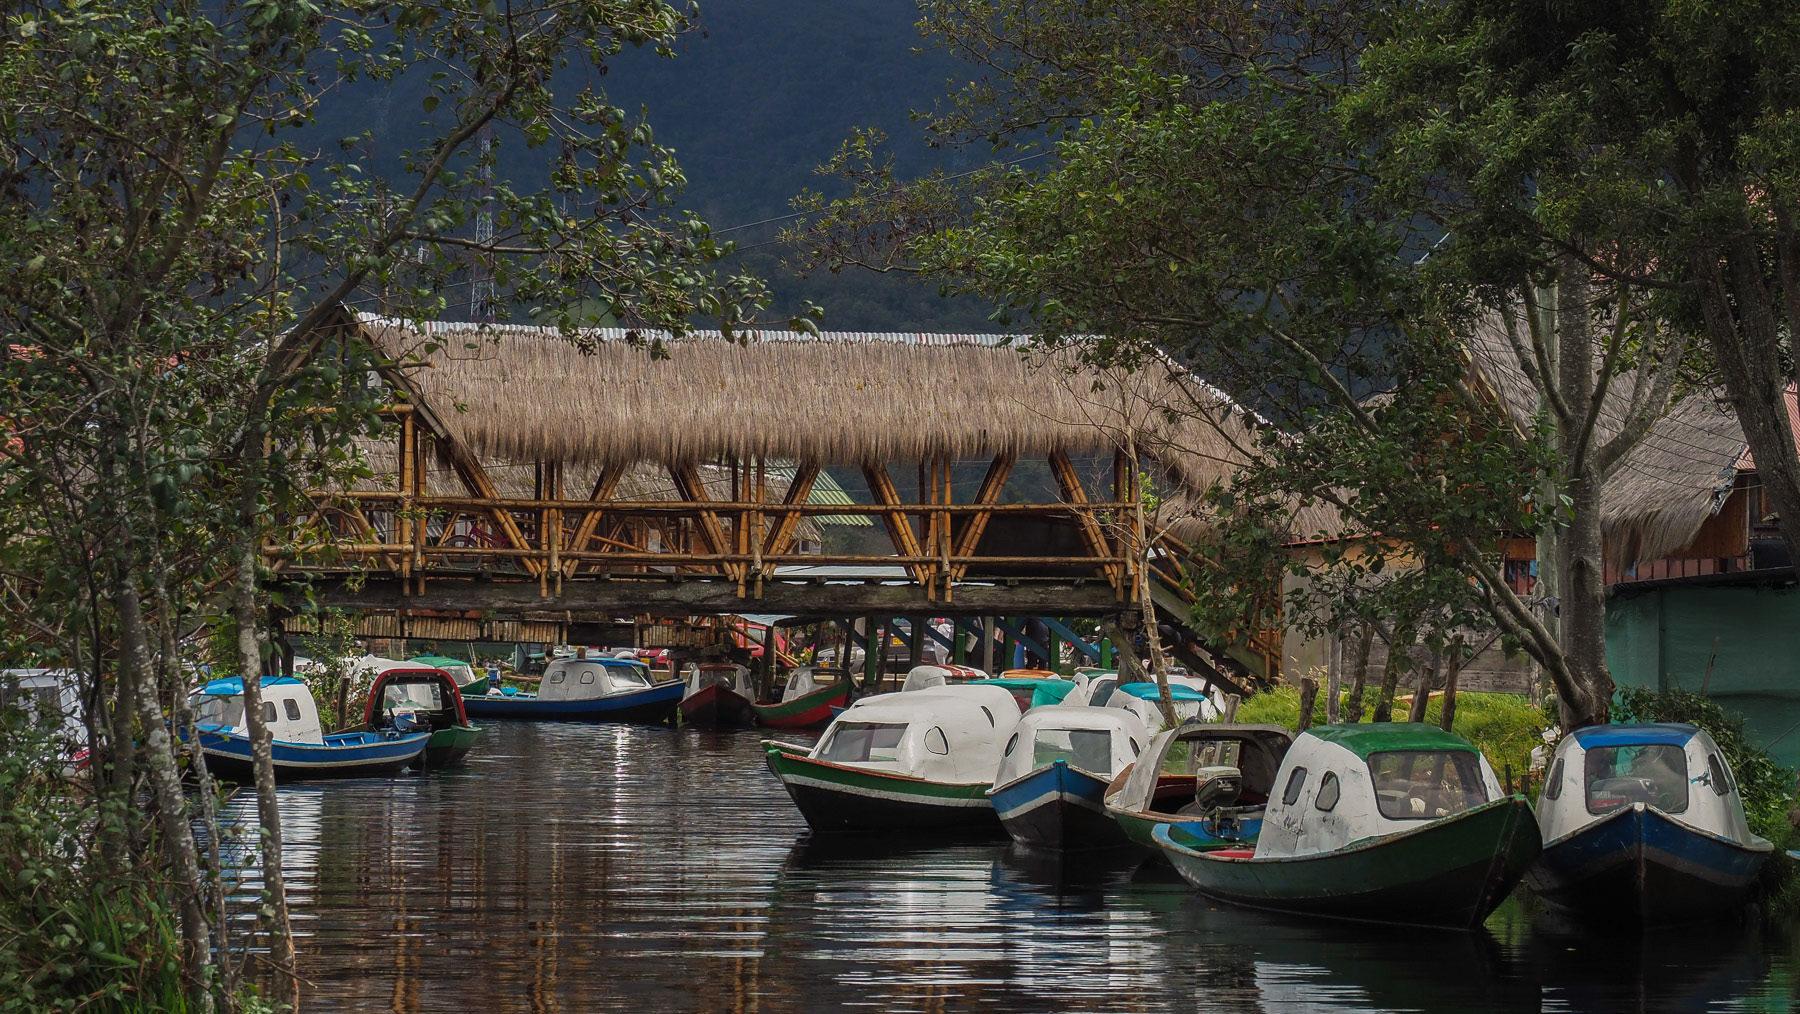 Viele Brücken und Boote in Puerto la Cocha, dem kleinen Dorf am See